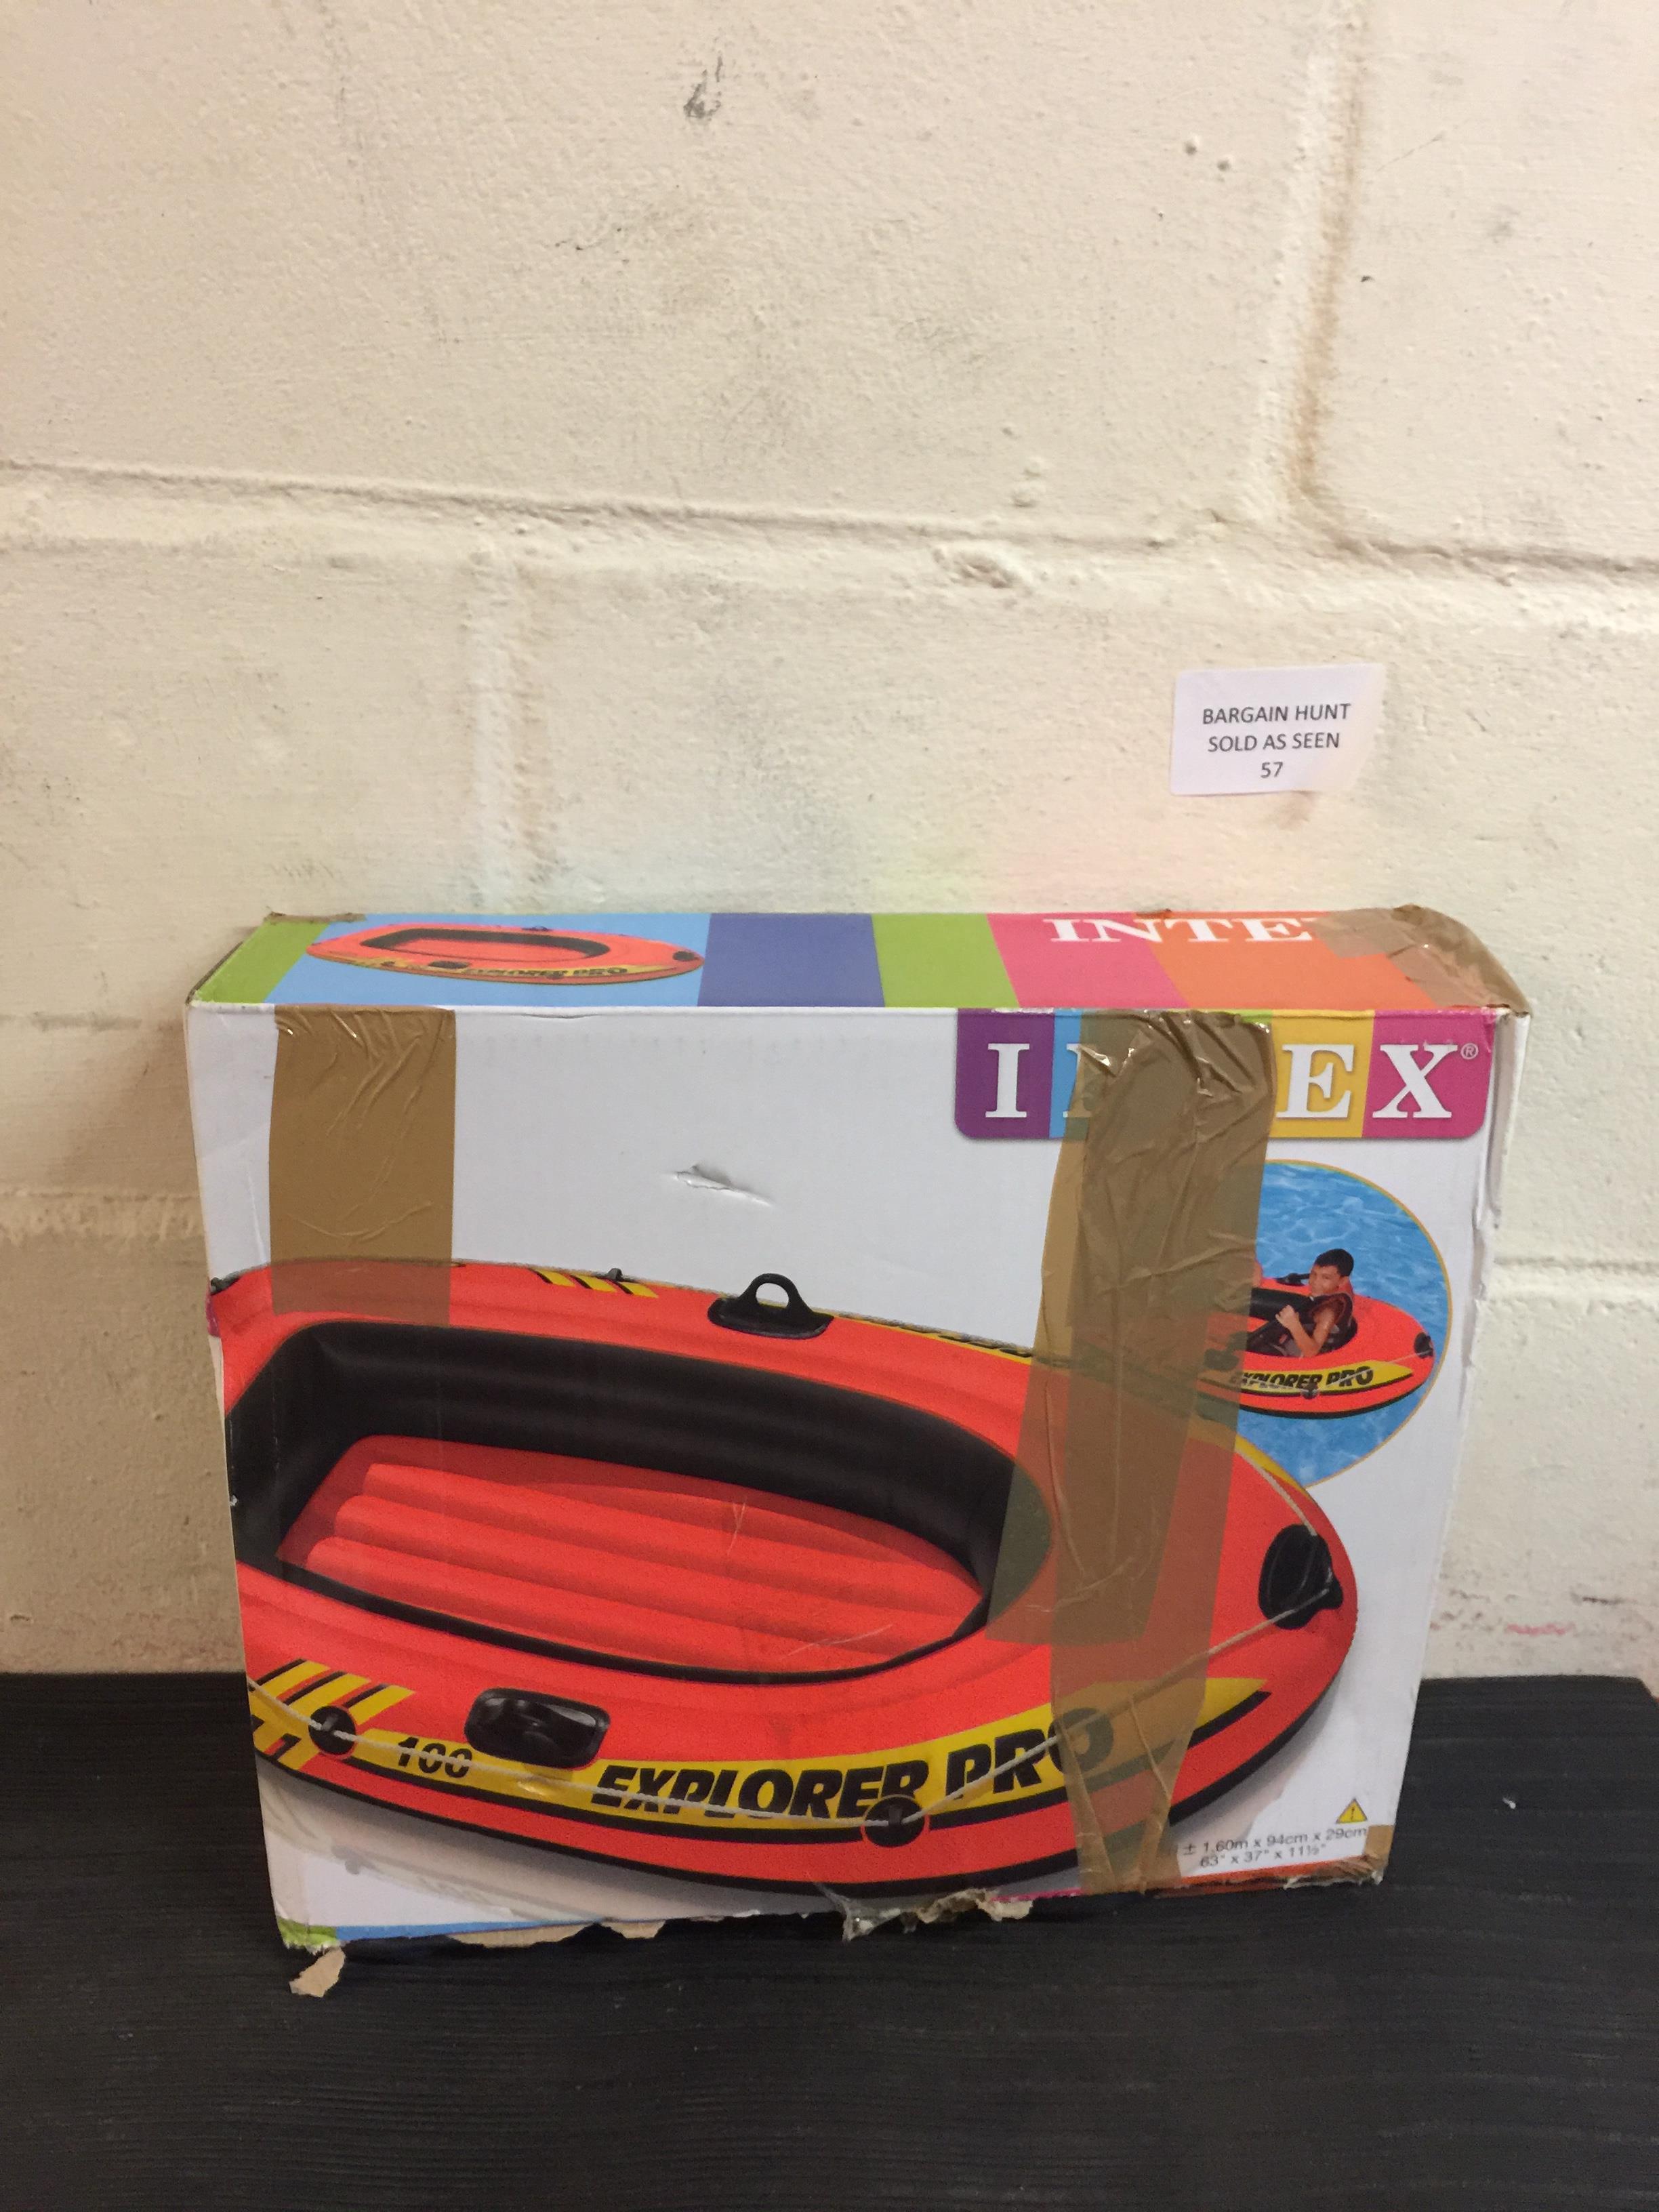 Lot 57 - Intex Explorer Pro Inflatable Boat